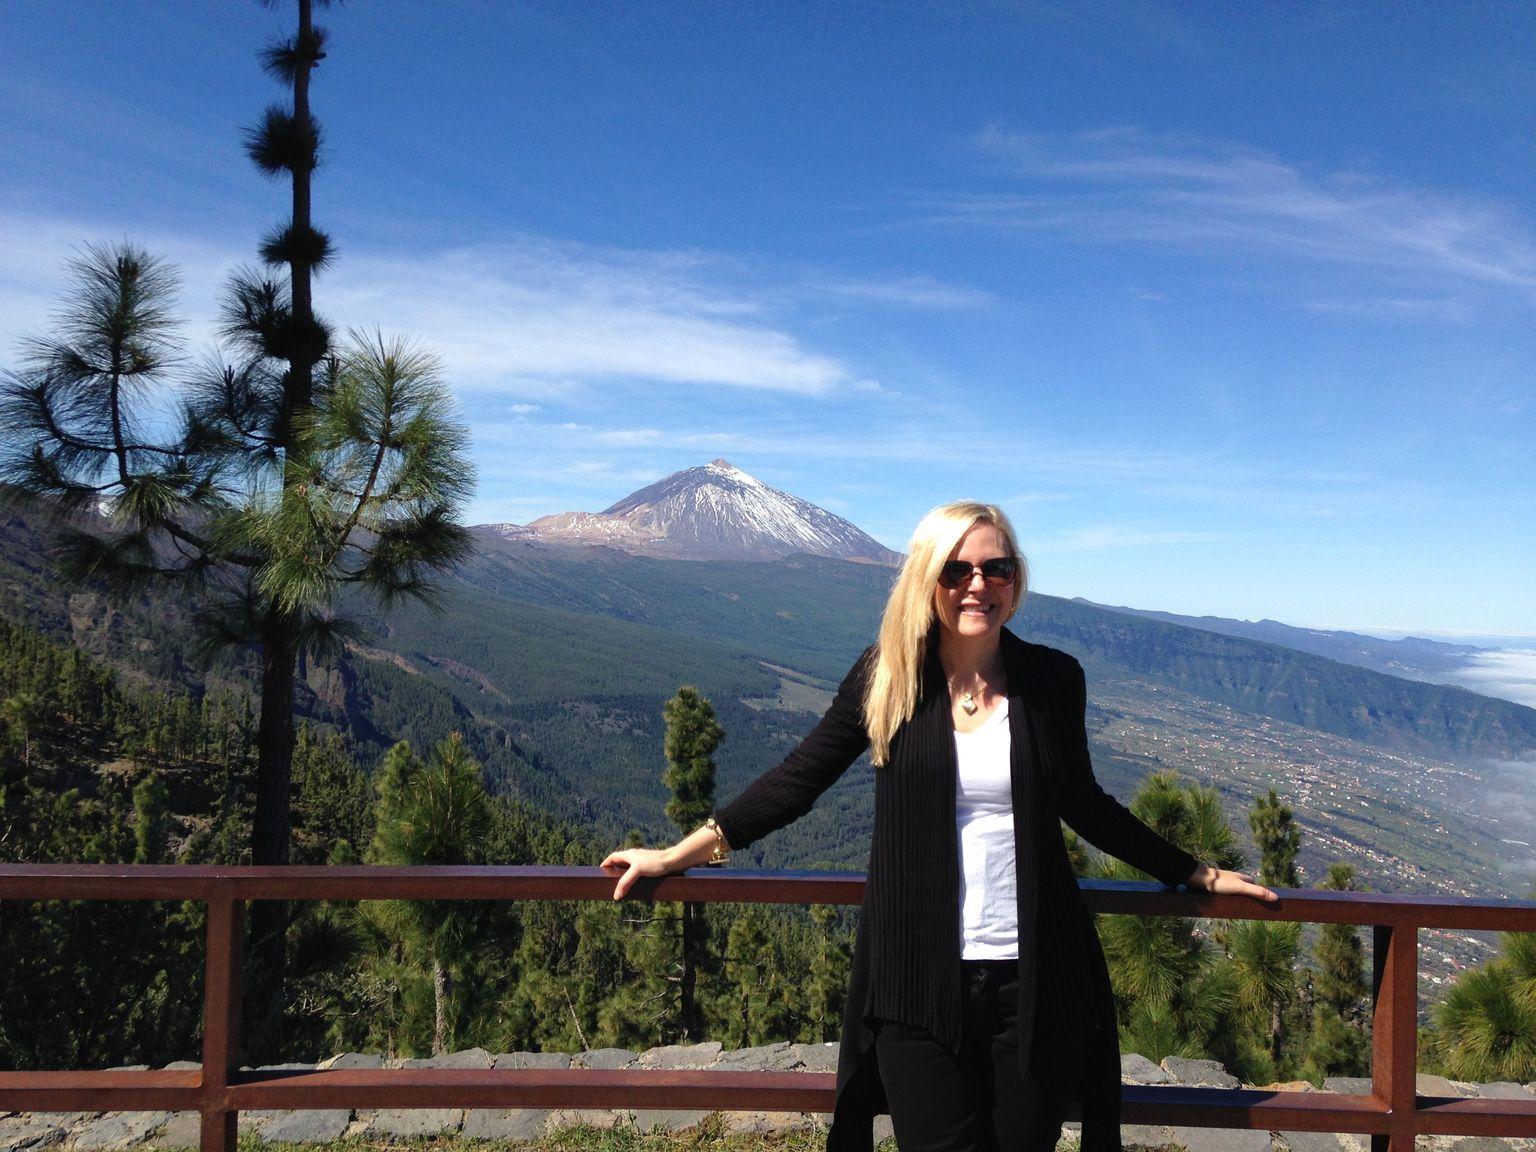 MÁS FOTOS, Excursión por la costa de Tenerife: excursión privada de un día al Parque Nacional del Teide